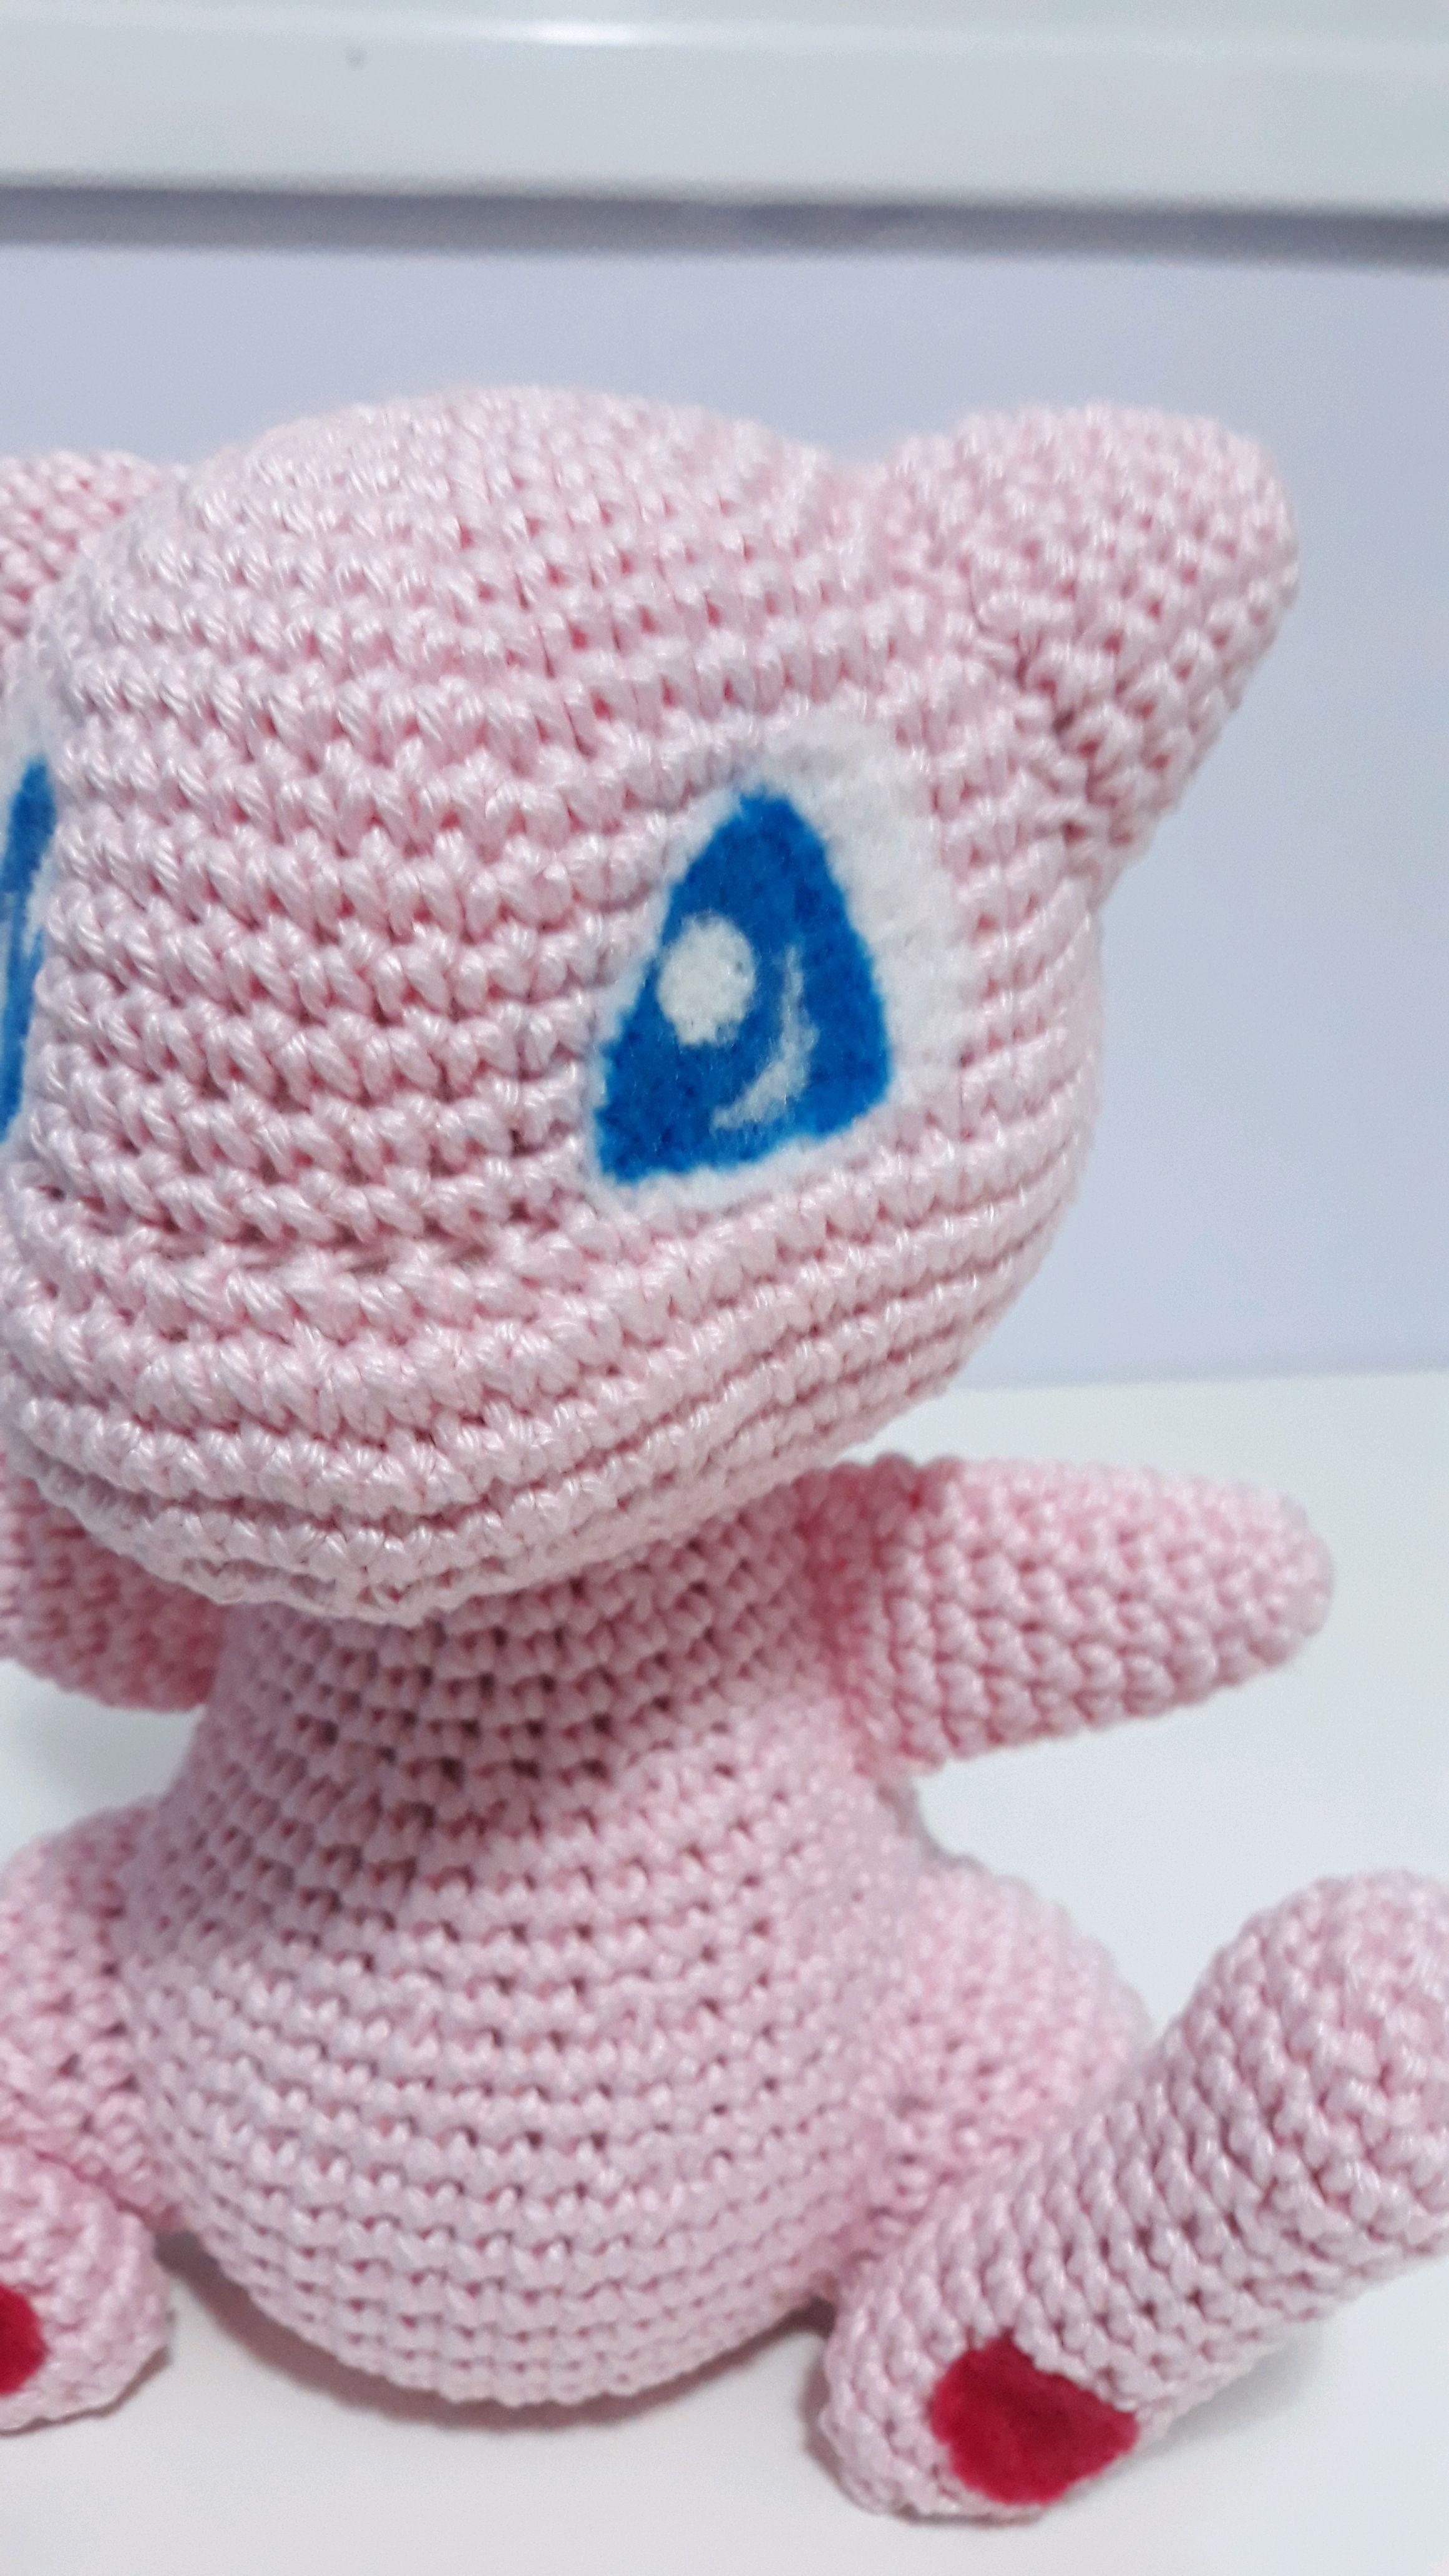 Cute Mew amigurumi BIG EYED VERSION by PhandasCreations on Etsy ...   4128x2322